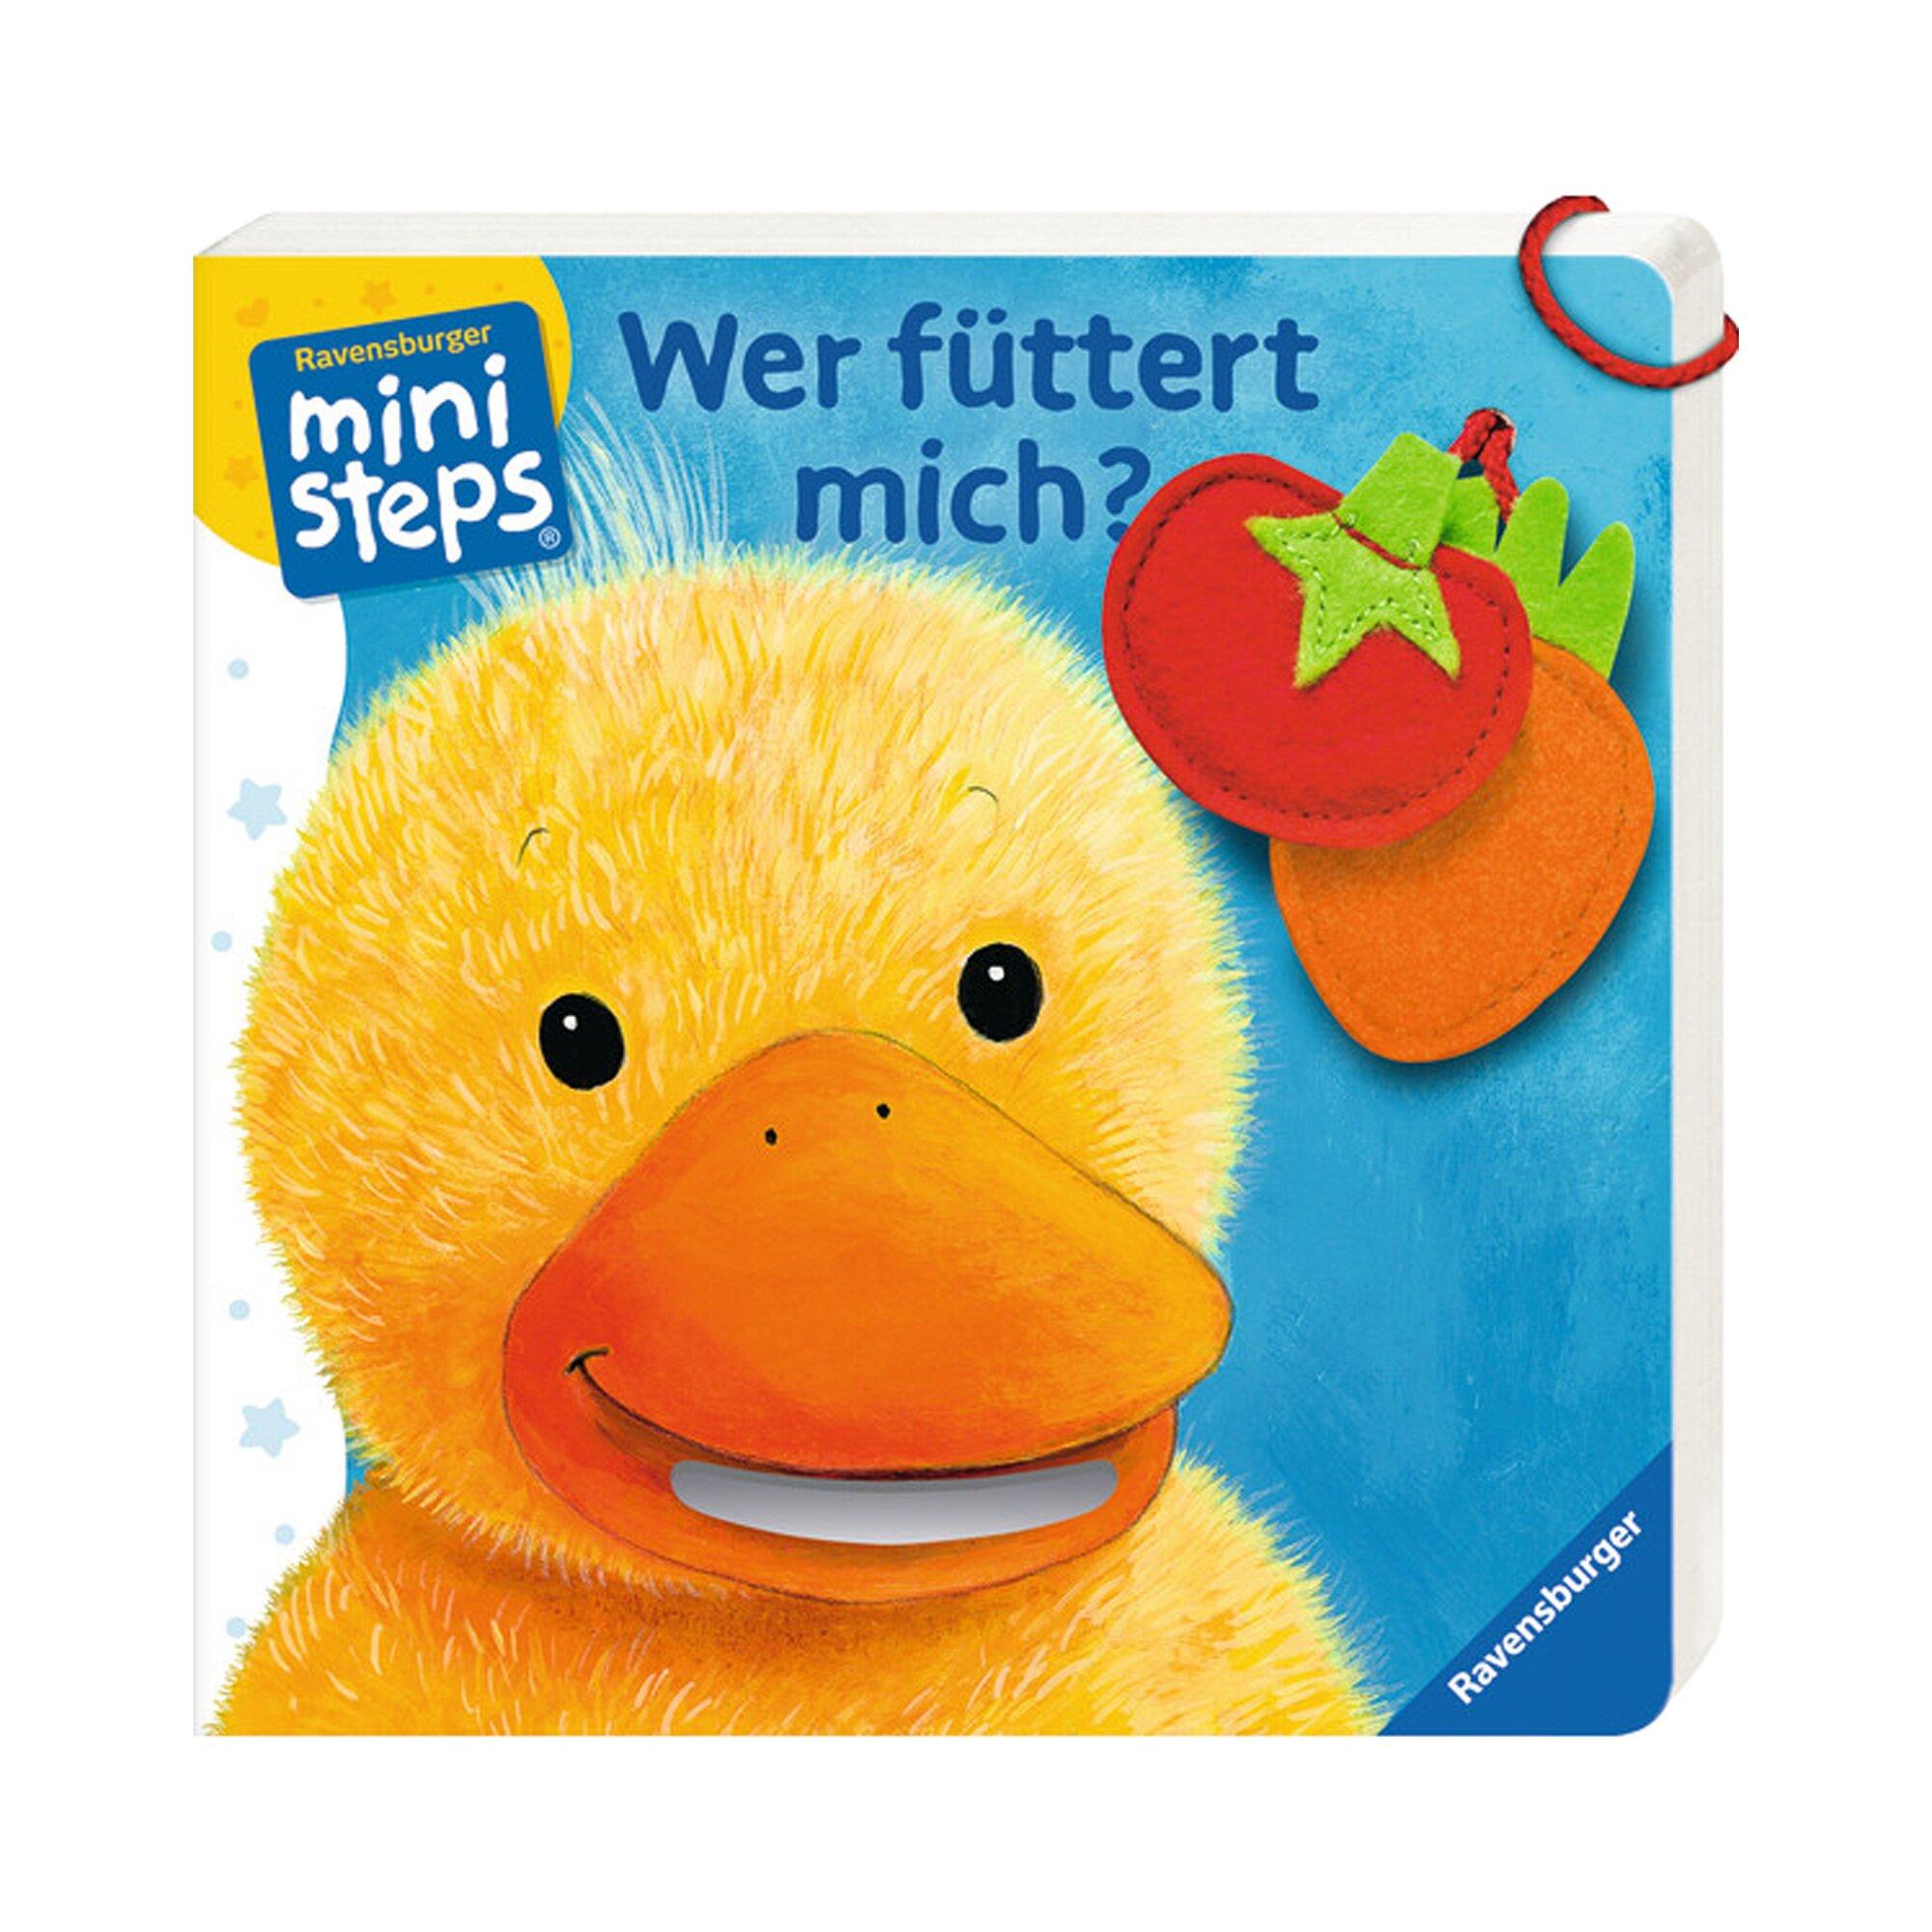 Ministeps Pappbilderbuch Wer füttert mich?